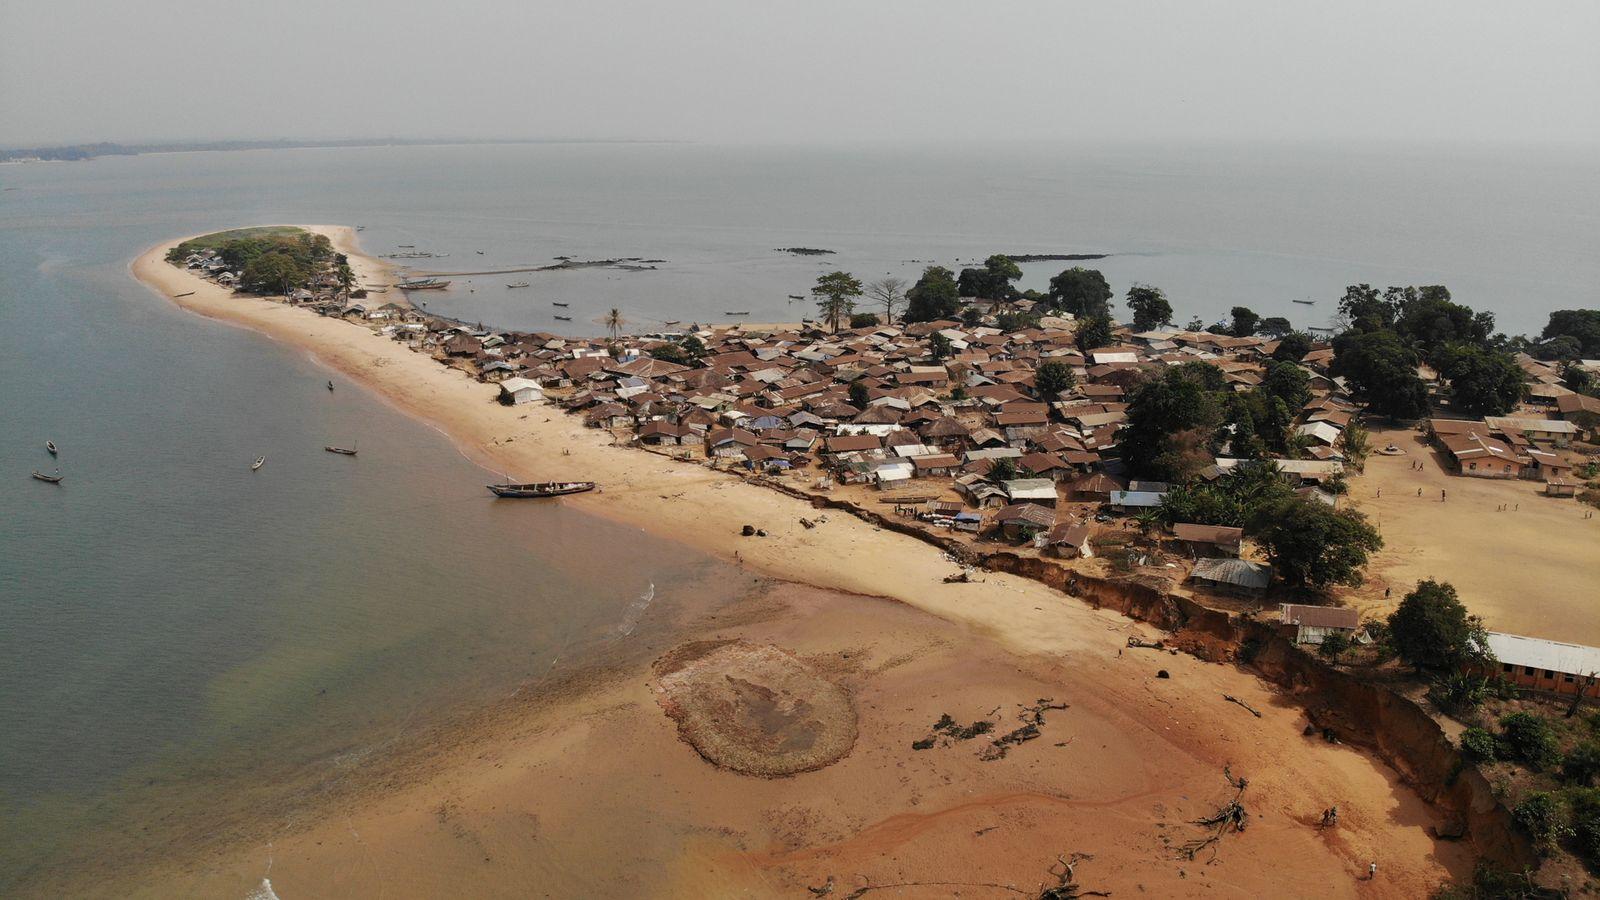 Plantain Island - Abdulai Kargbo